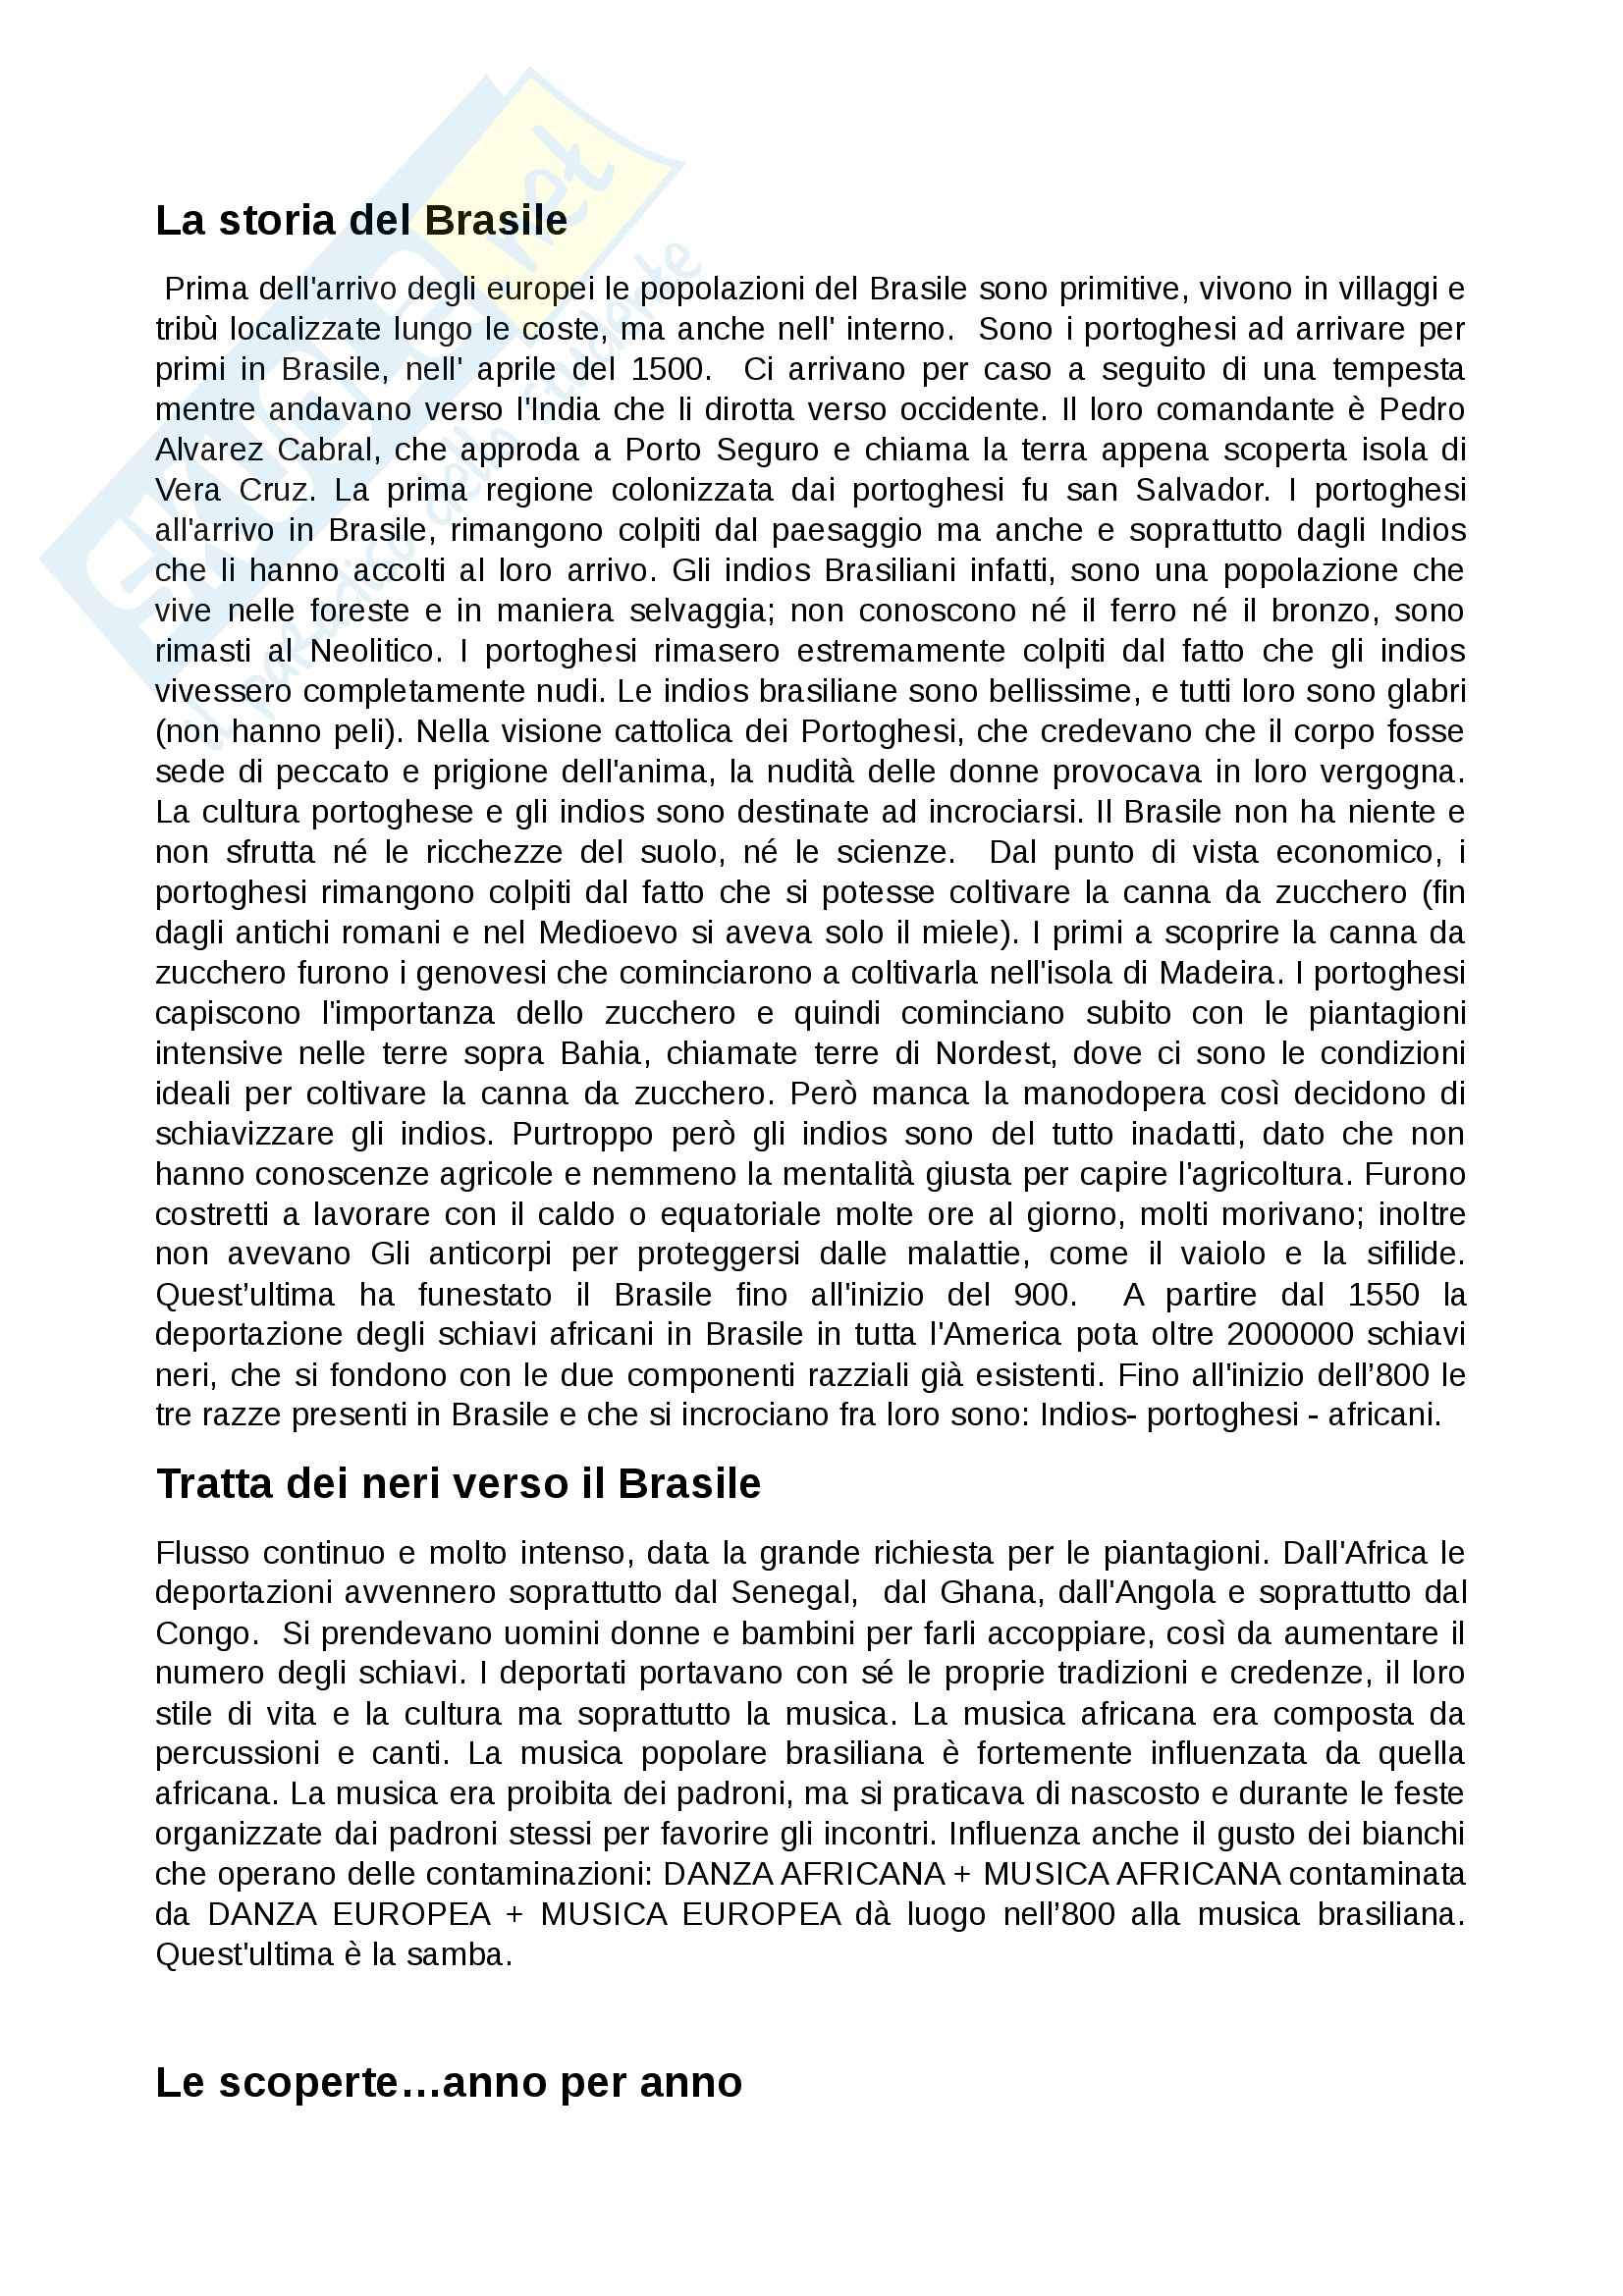 Storia del Brasile, Letteratura portoghese e brasiliana